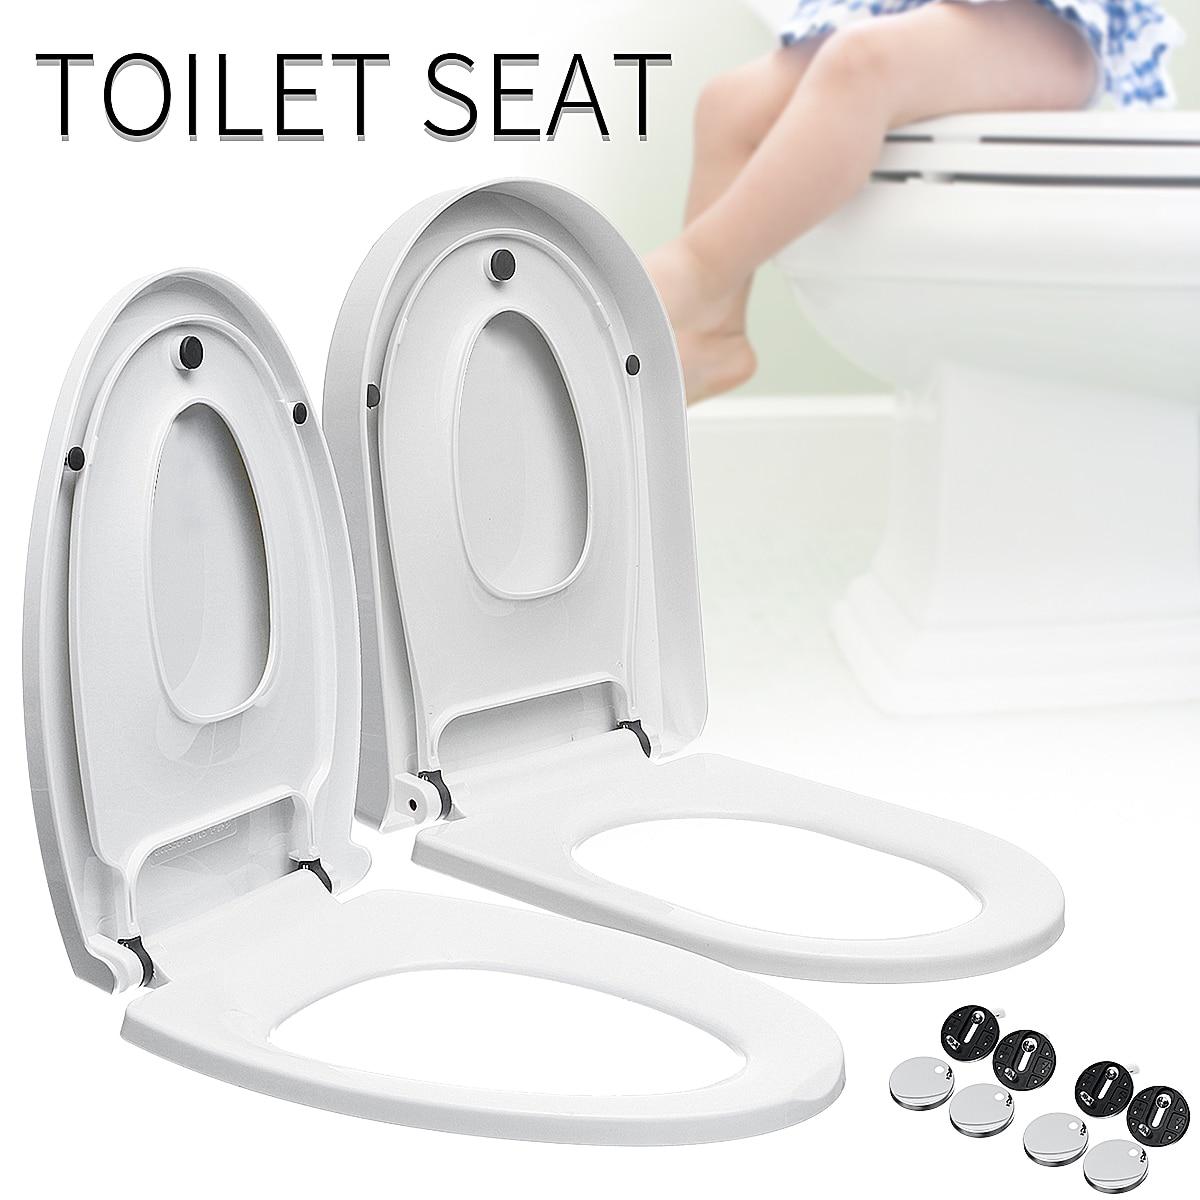 Xueqin 1 pcs Famille Adapté Aux Enfants En Bas Âge Formation Épaissir Siège De Toilette Pot U Type V Type Siège De Toilette Pour enfants famille